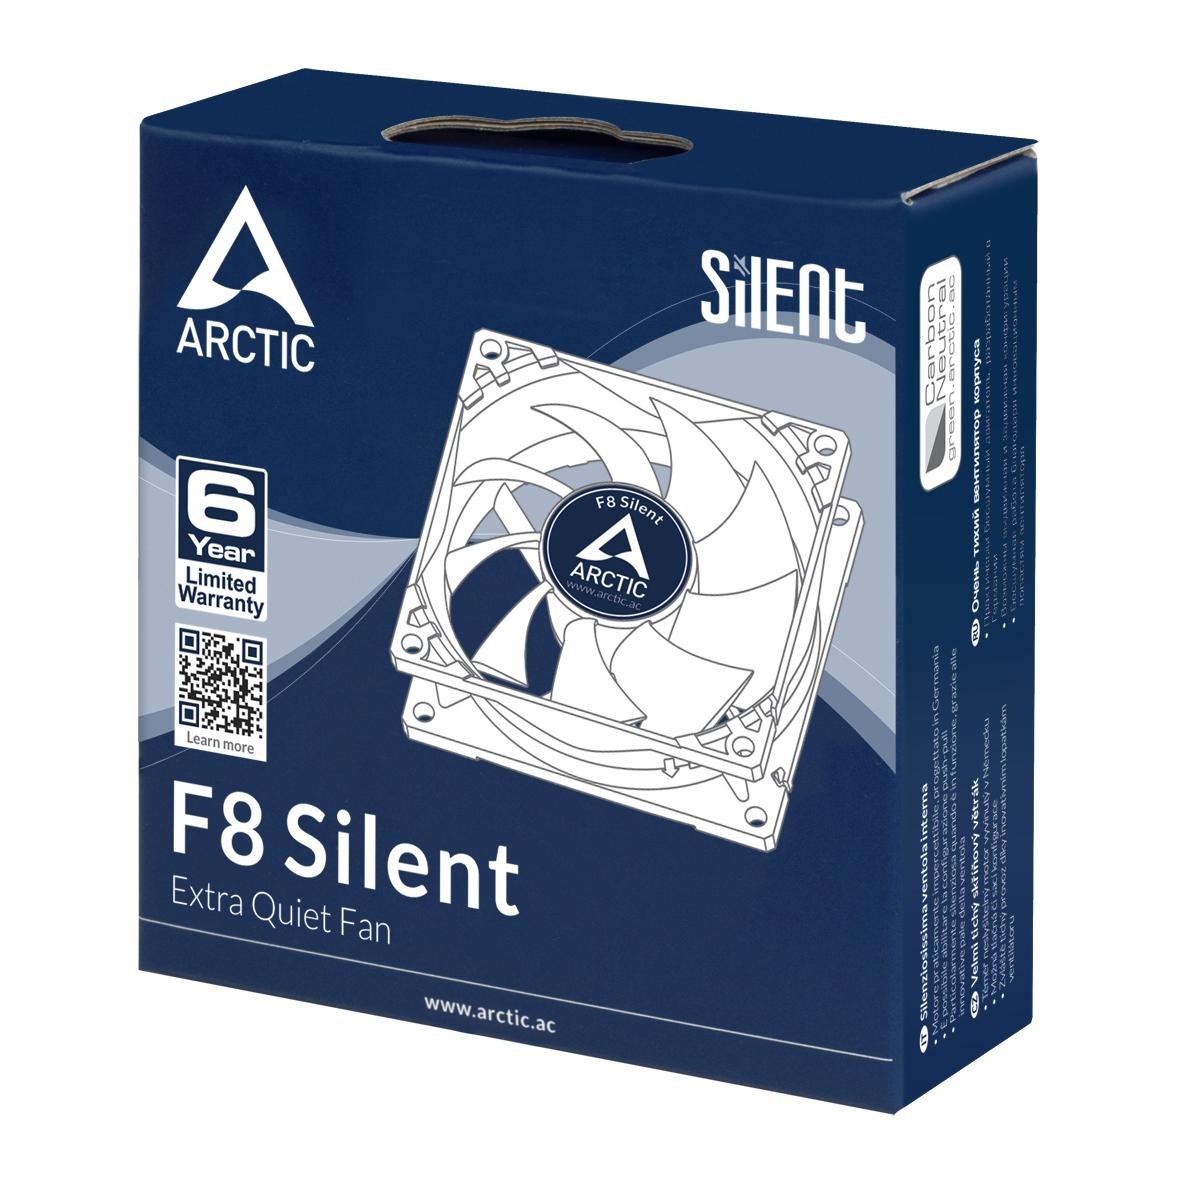 F8 Silent